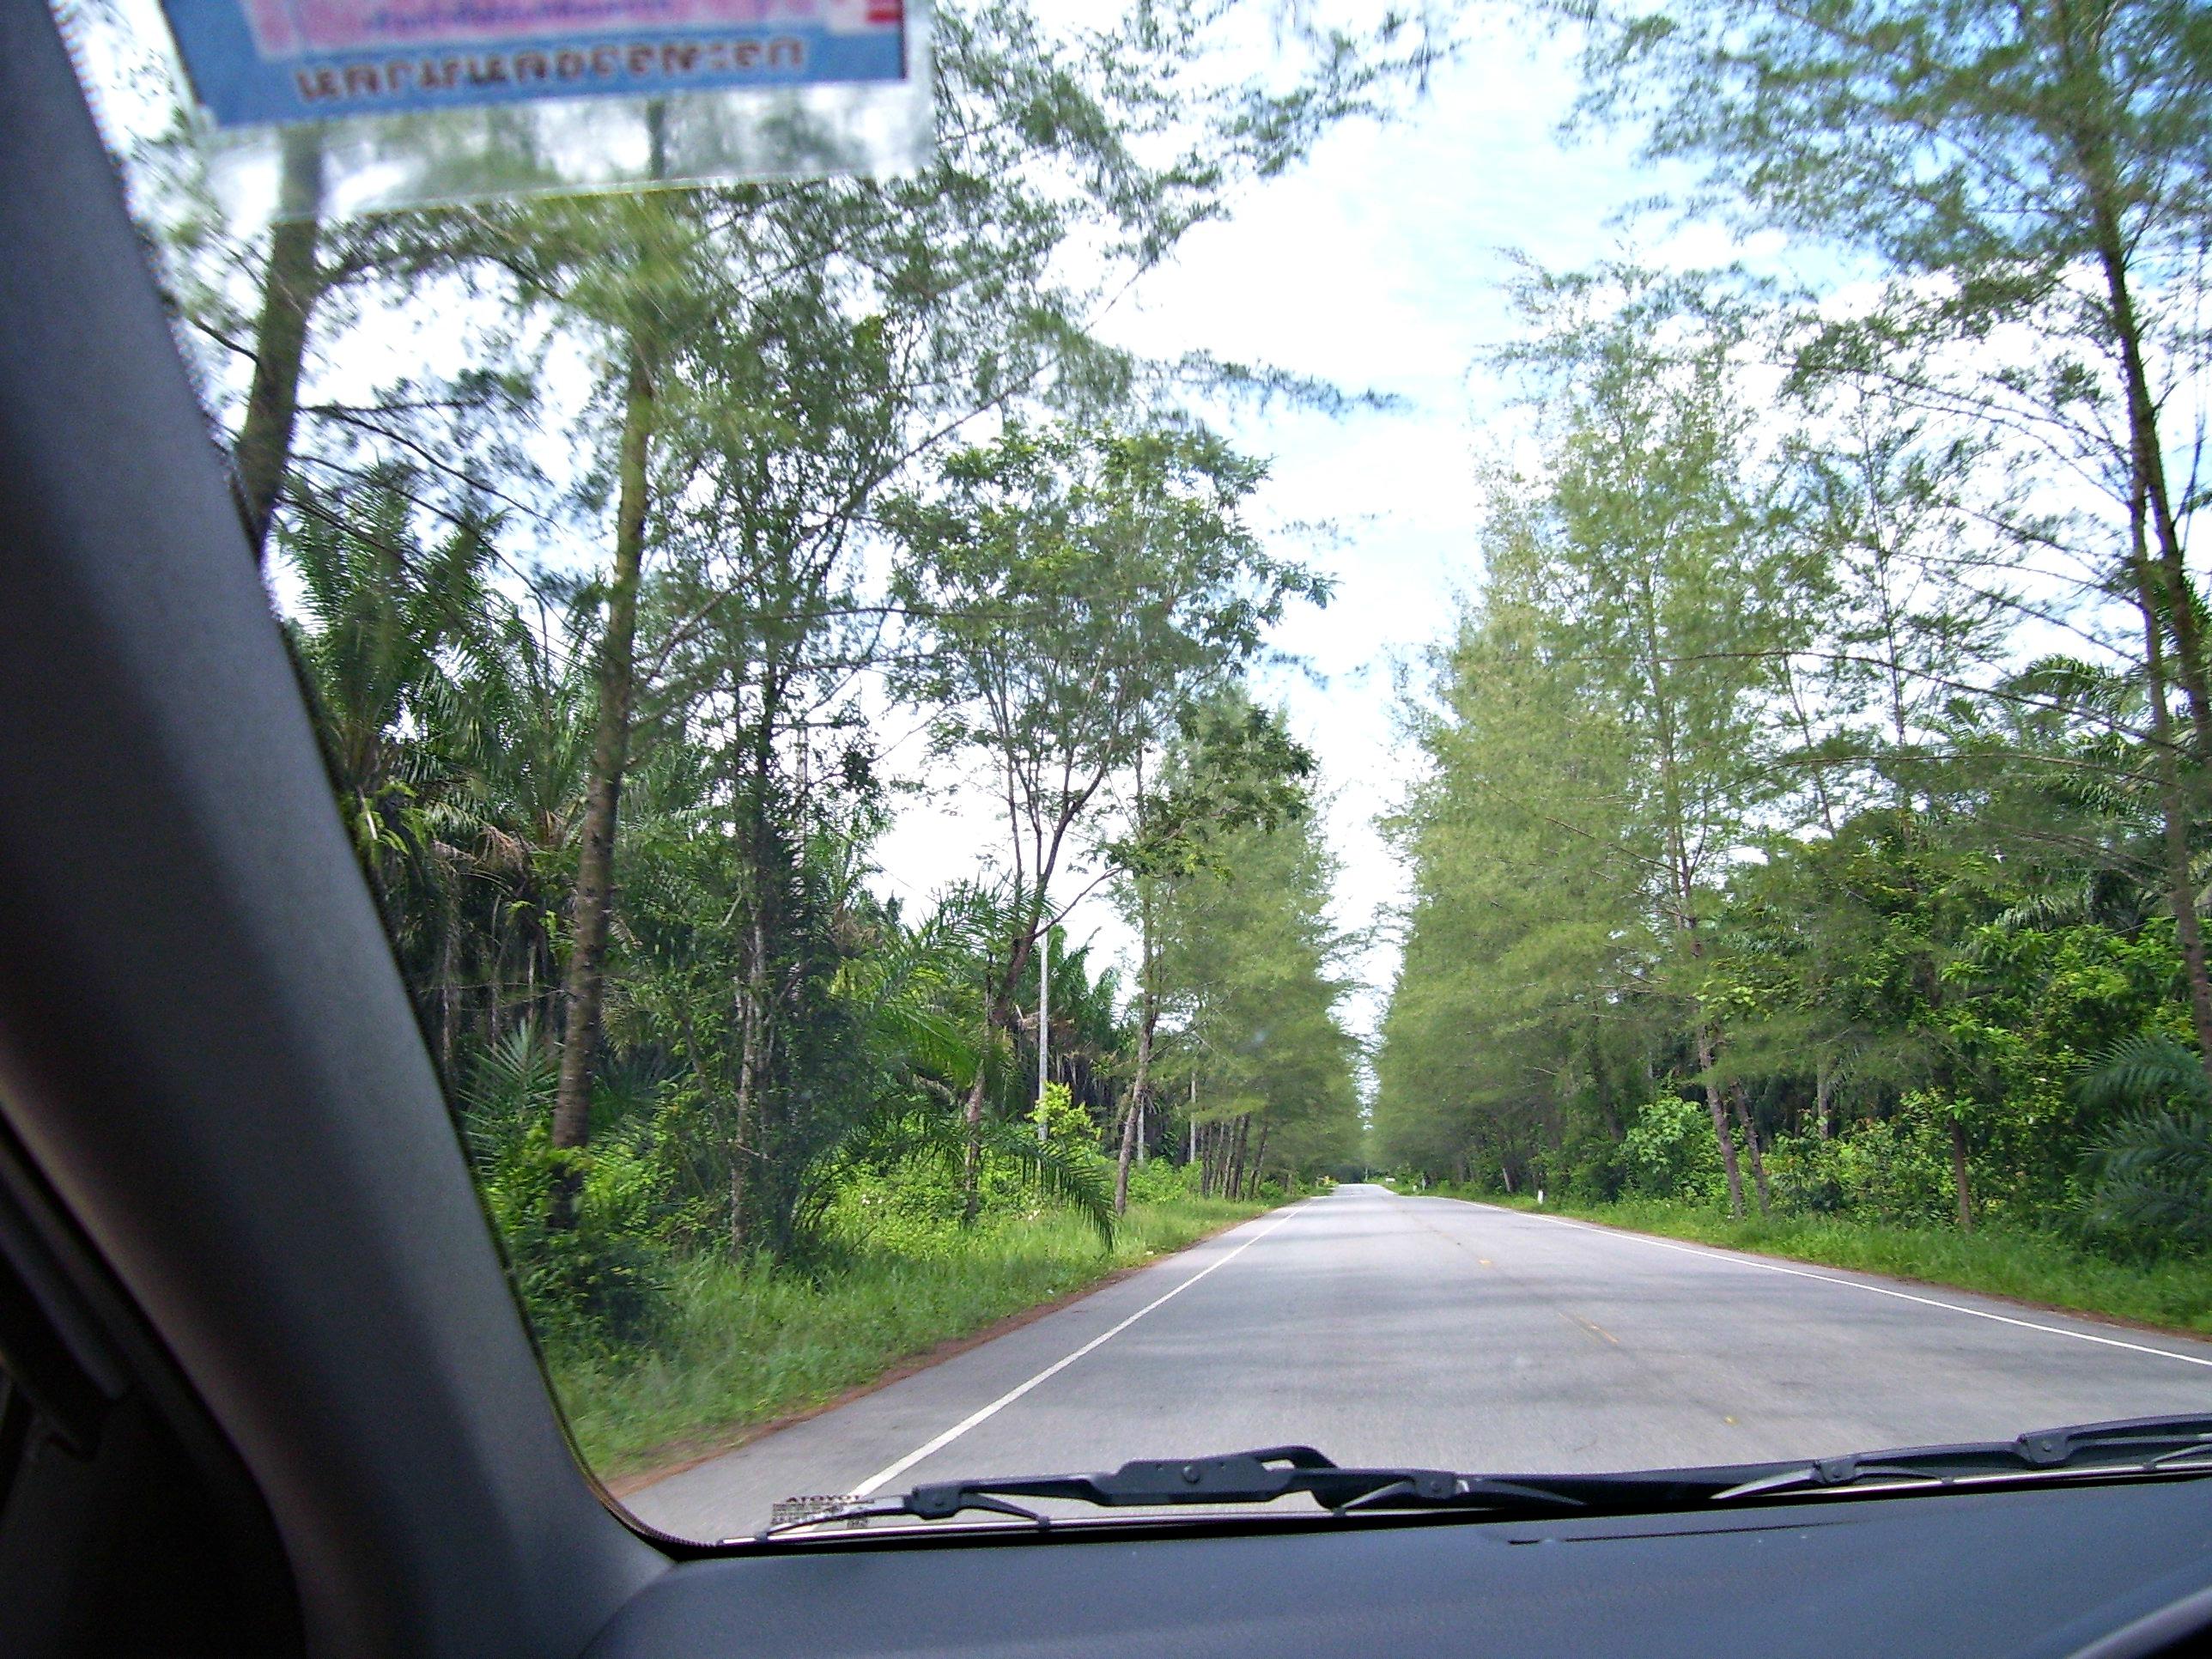 Ko Lanta to Phuket road trip